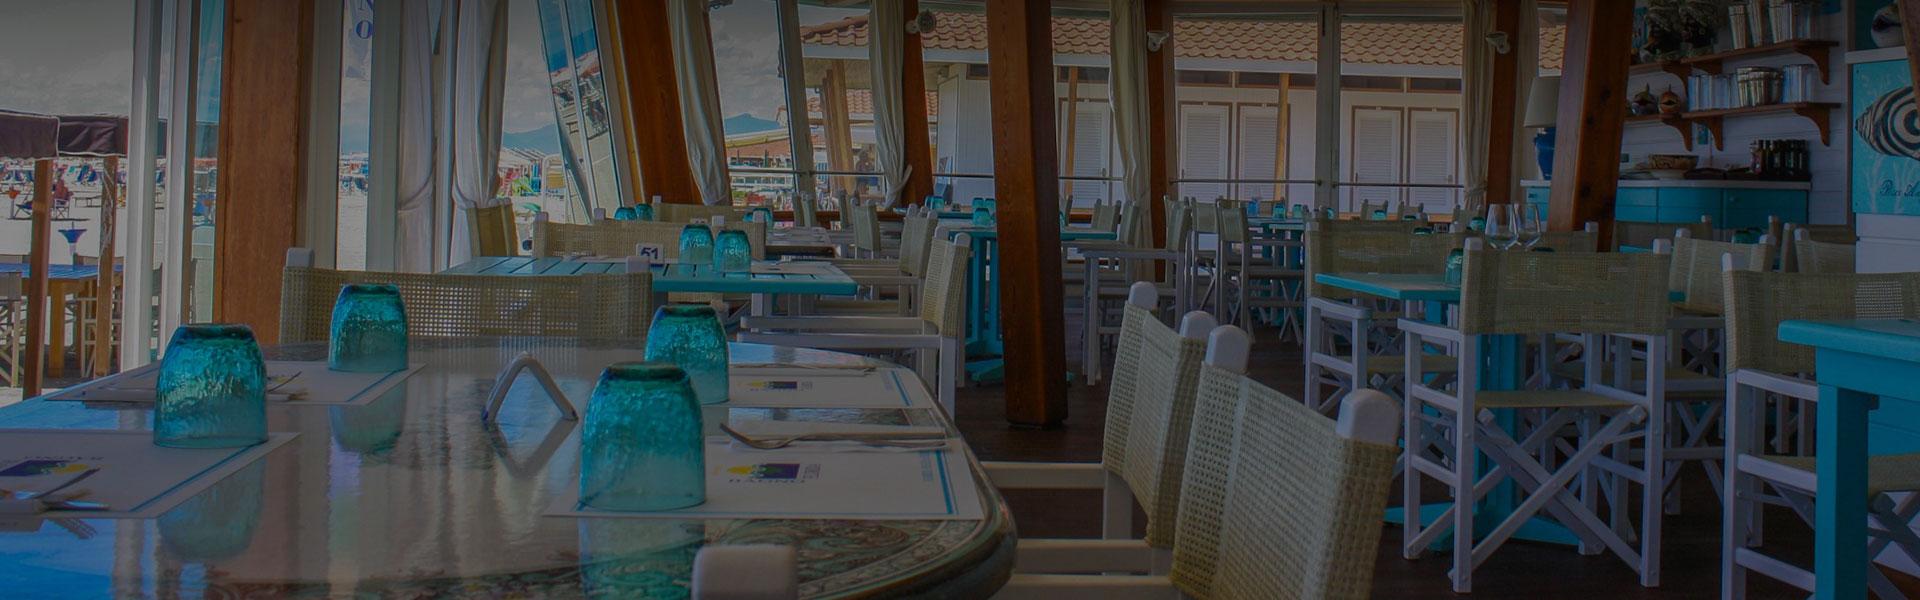 ristorante bagno florida beach viareggio servizio in spiaggia terrazza sul mare pizzeria